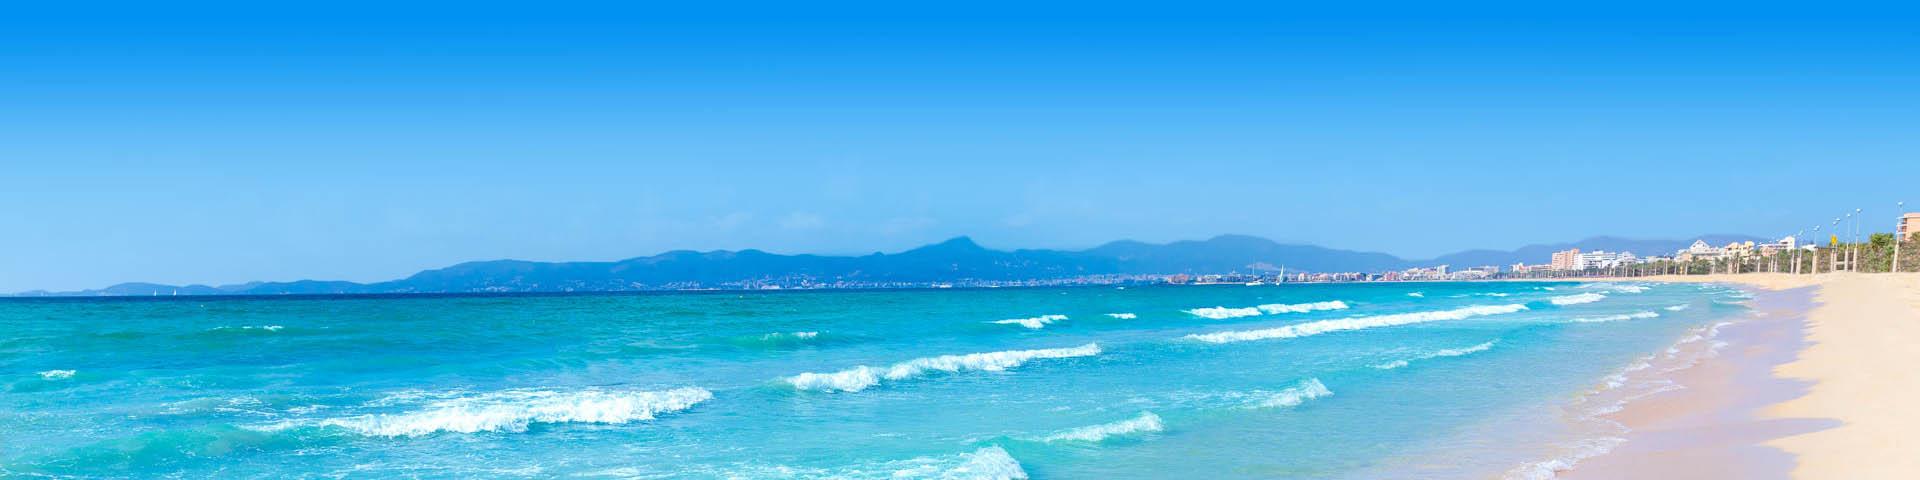 Ze helderblauwe zee bij El Arenal op het Spaanse eiland Mallorca